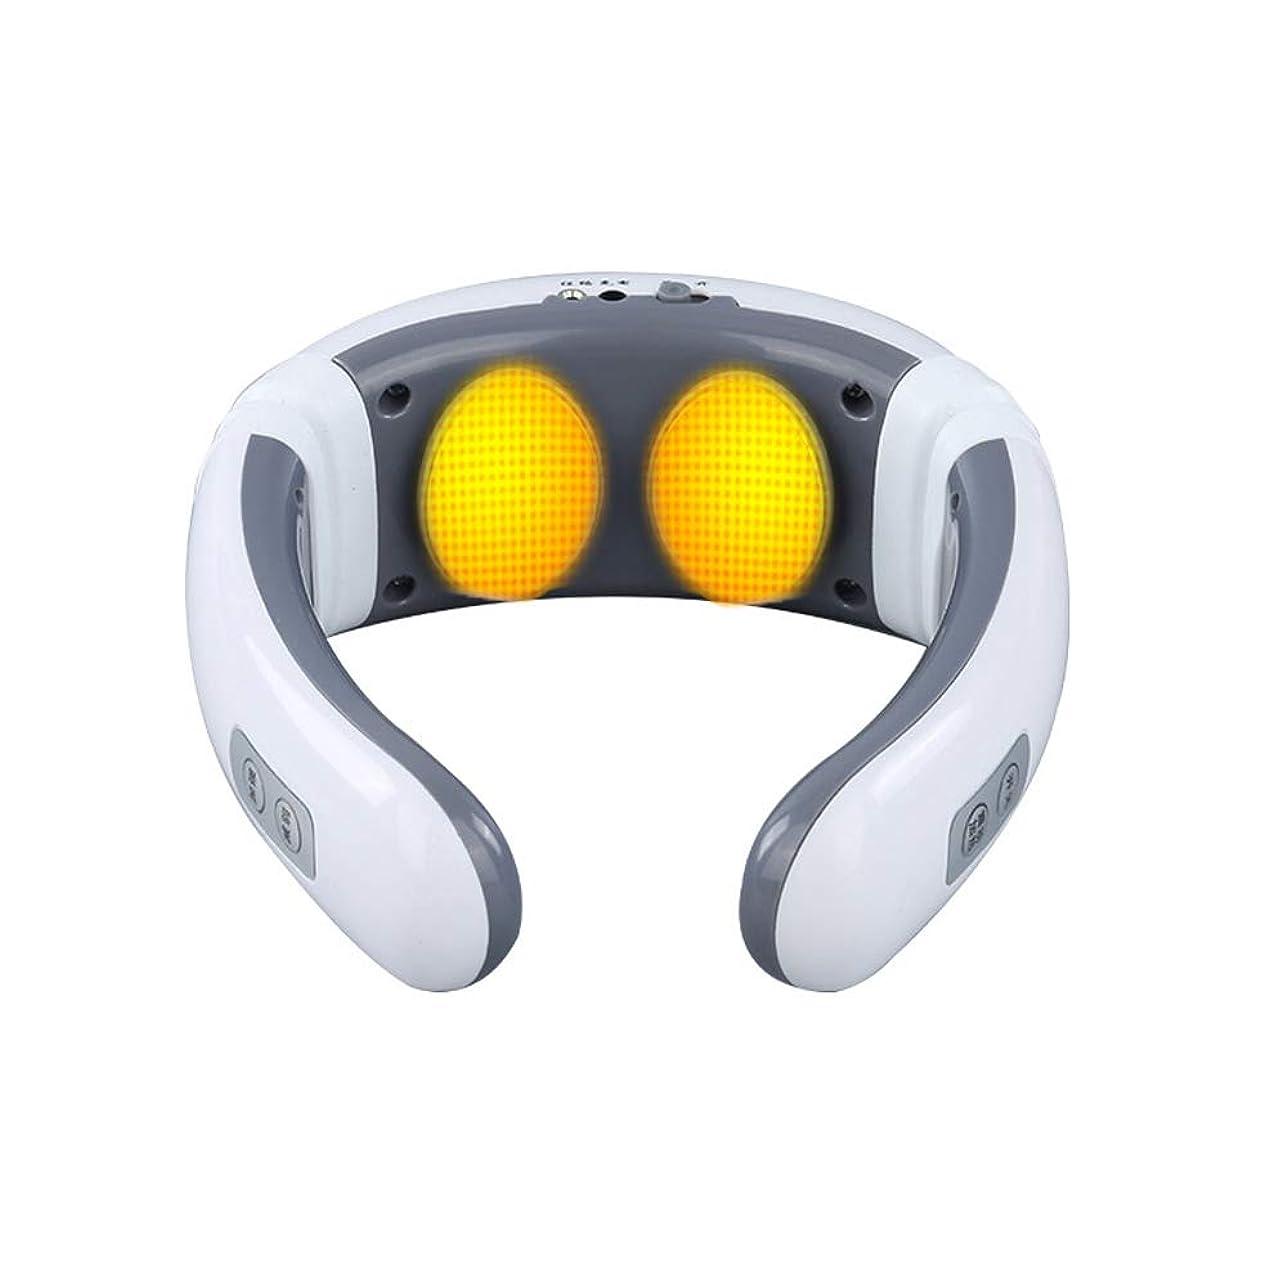 ダーツ地中海残るRakoko 首マッサージャー 正規品 ネックマッサージャー マッサージ器 首 肩 腰 ネック 背中 肩こり 腕 多機能 6つモード usbで充電式 母の日 ストレス解消 疲労回復 事務所 自宅 車中 温熱機能 (USB充電式)